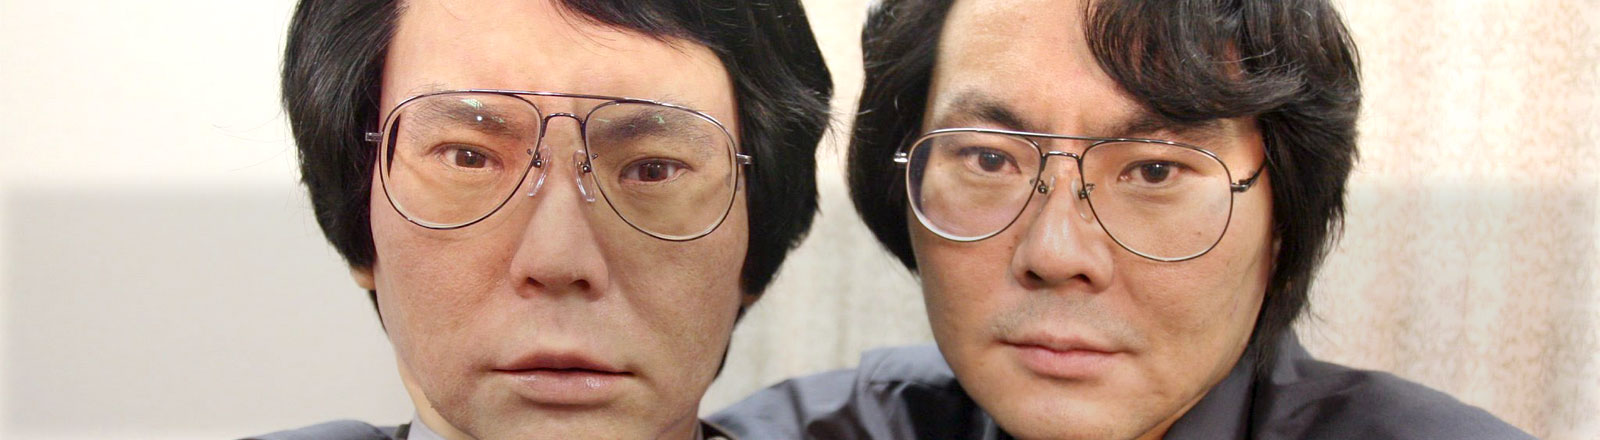 Der japanische Wissenschaftler Dr. Hiroshi Ishiguro posiert mit seinem Doppelgänger-Roboter Geminoid.